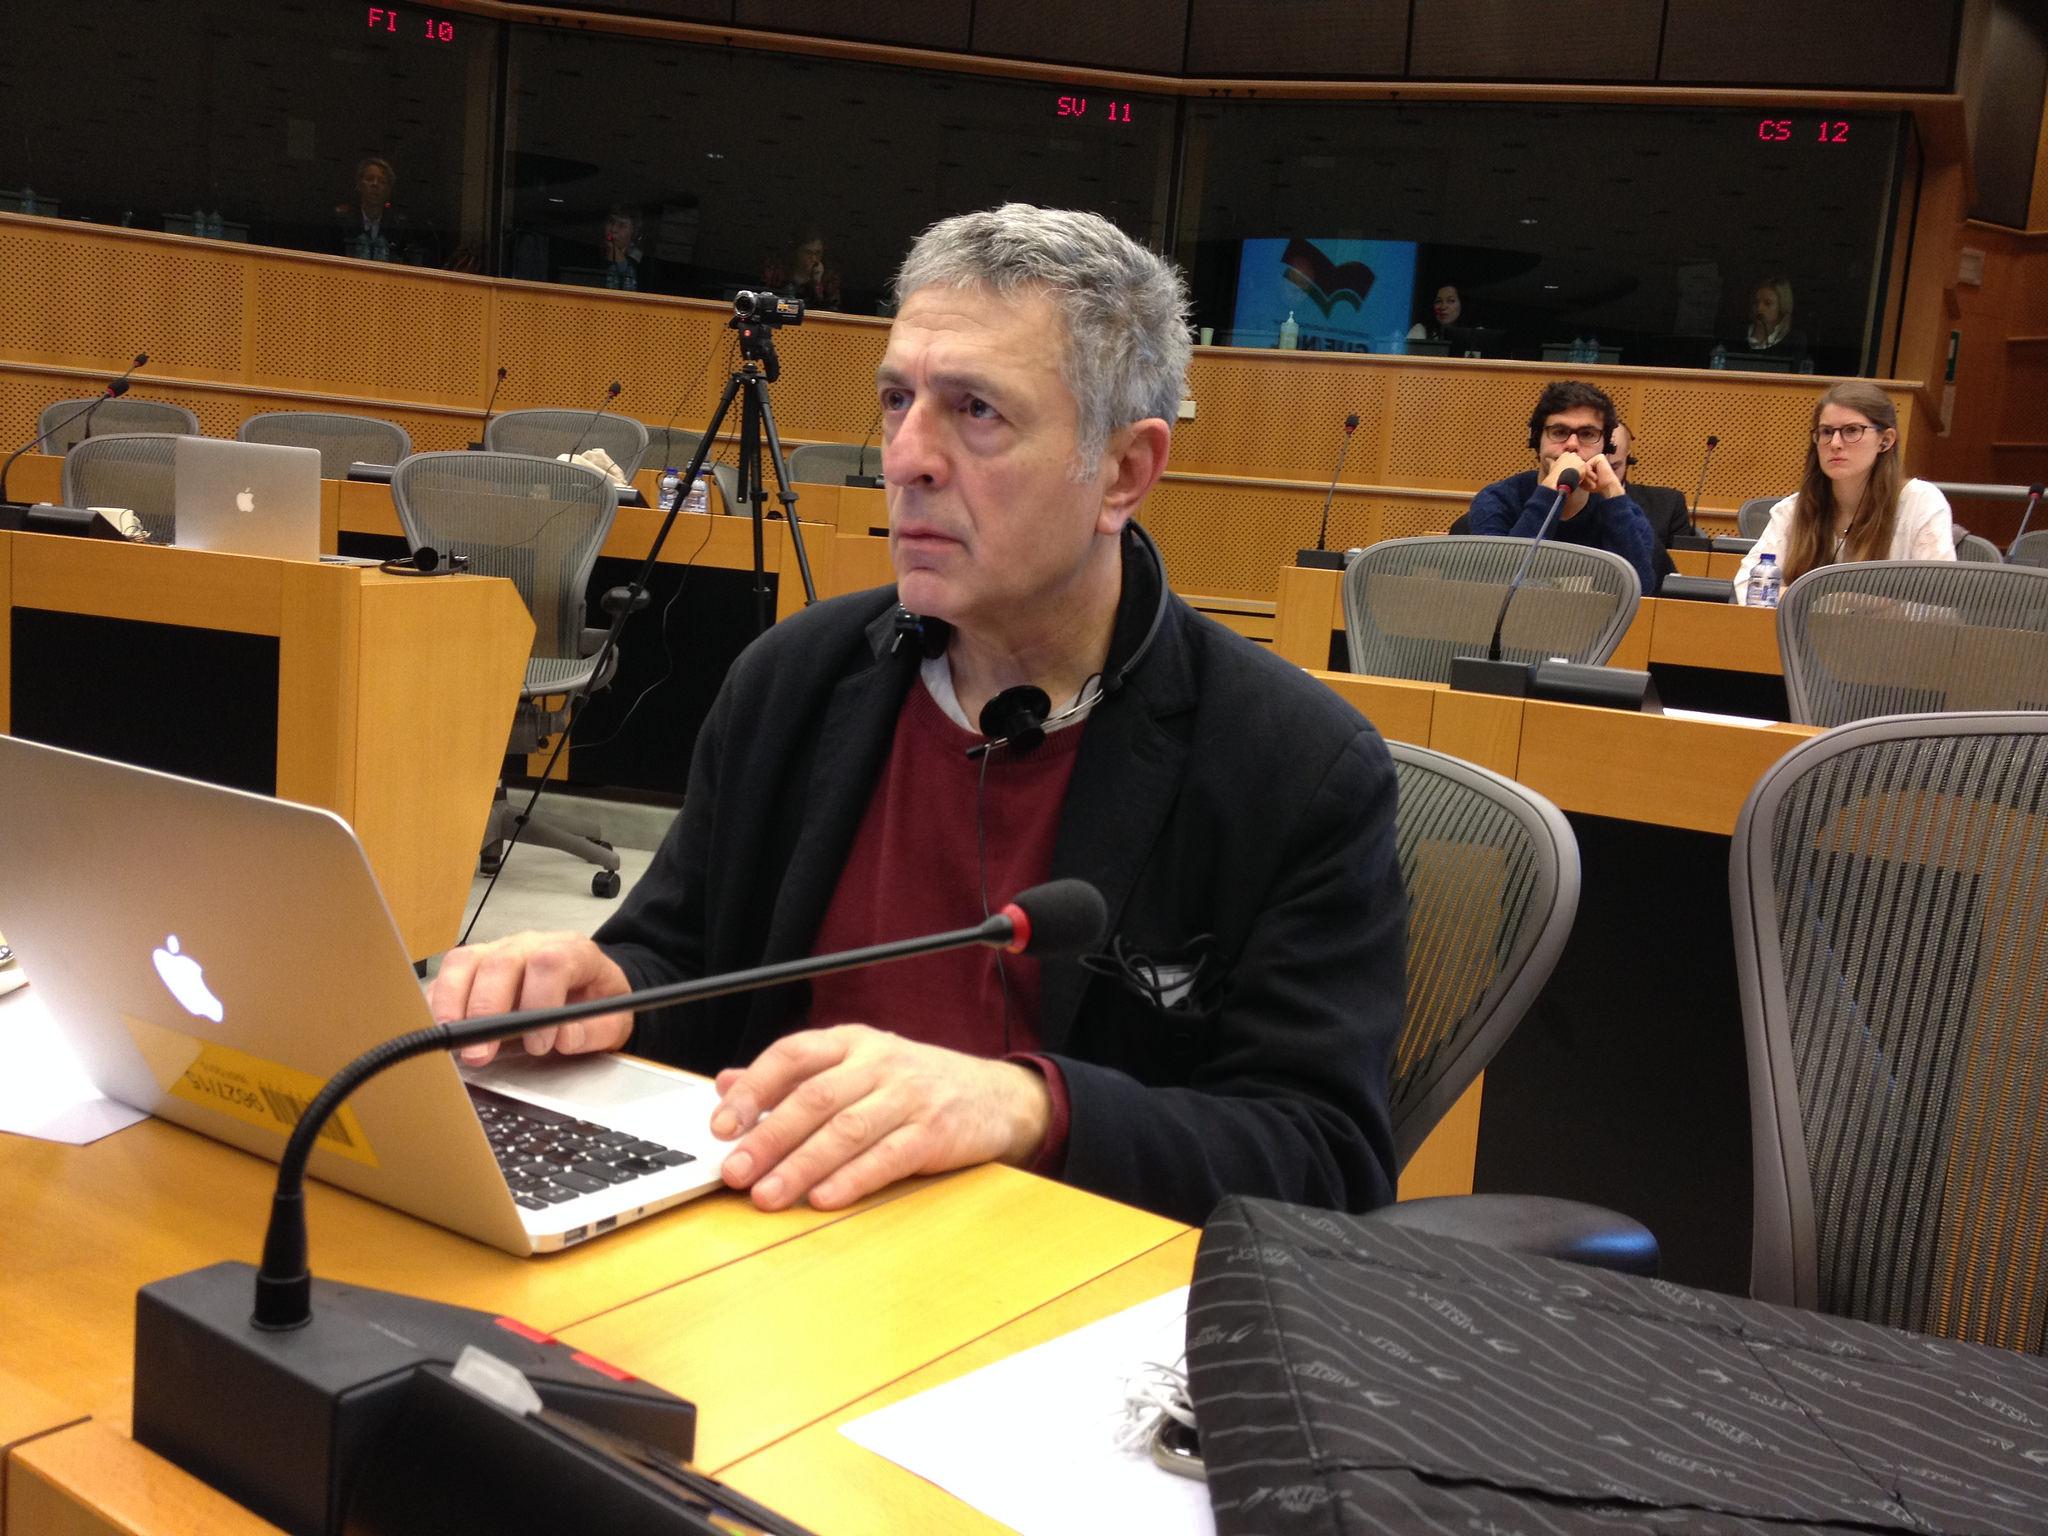 Στ. Κούλογλου: Είναι η μίζα στα καθήκοντα του ευρωβουλευτή;